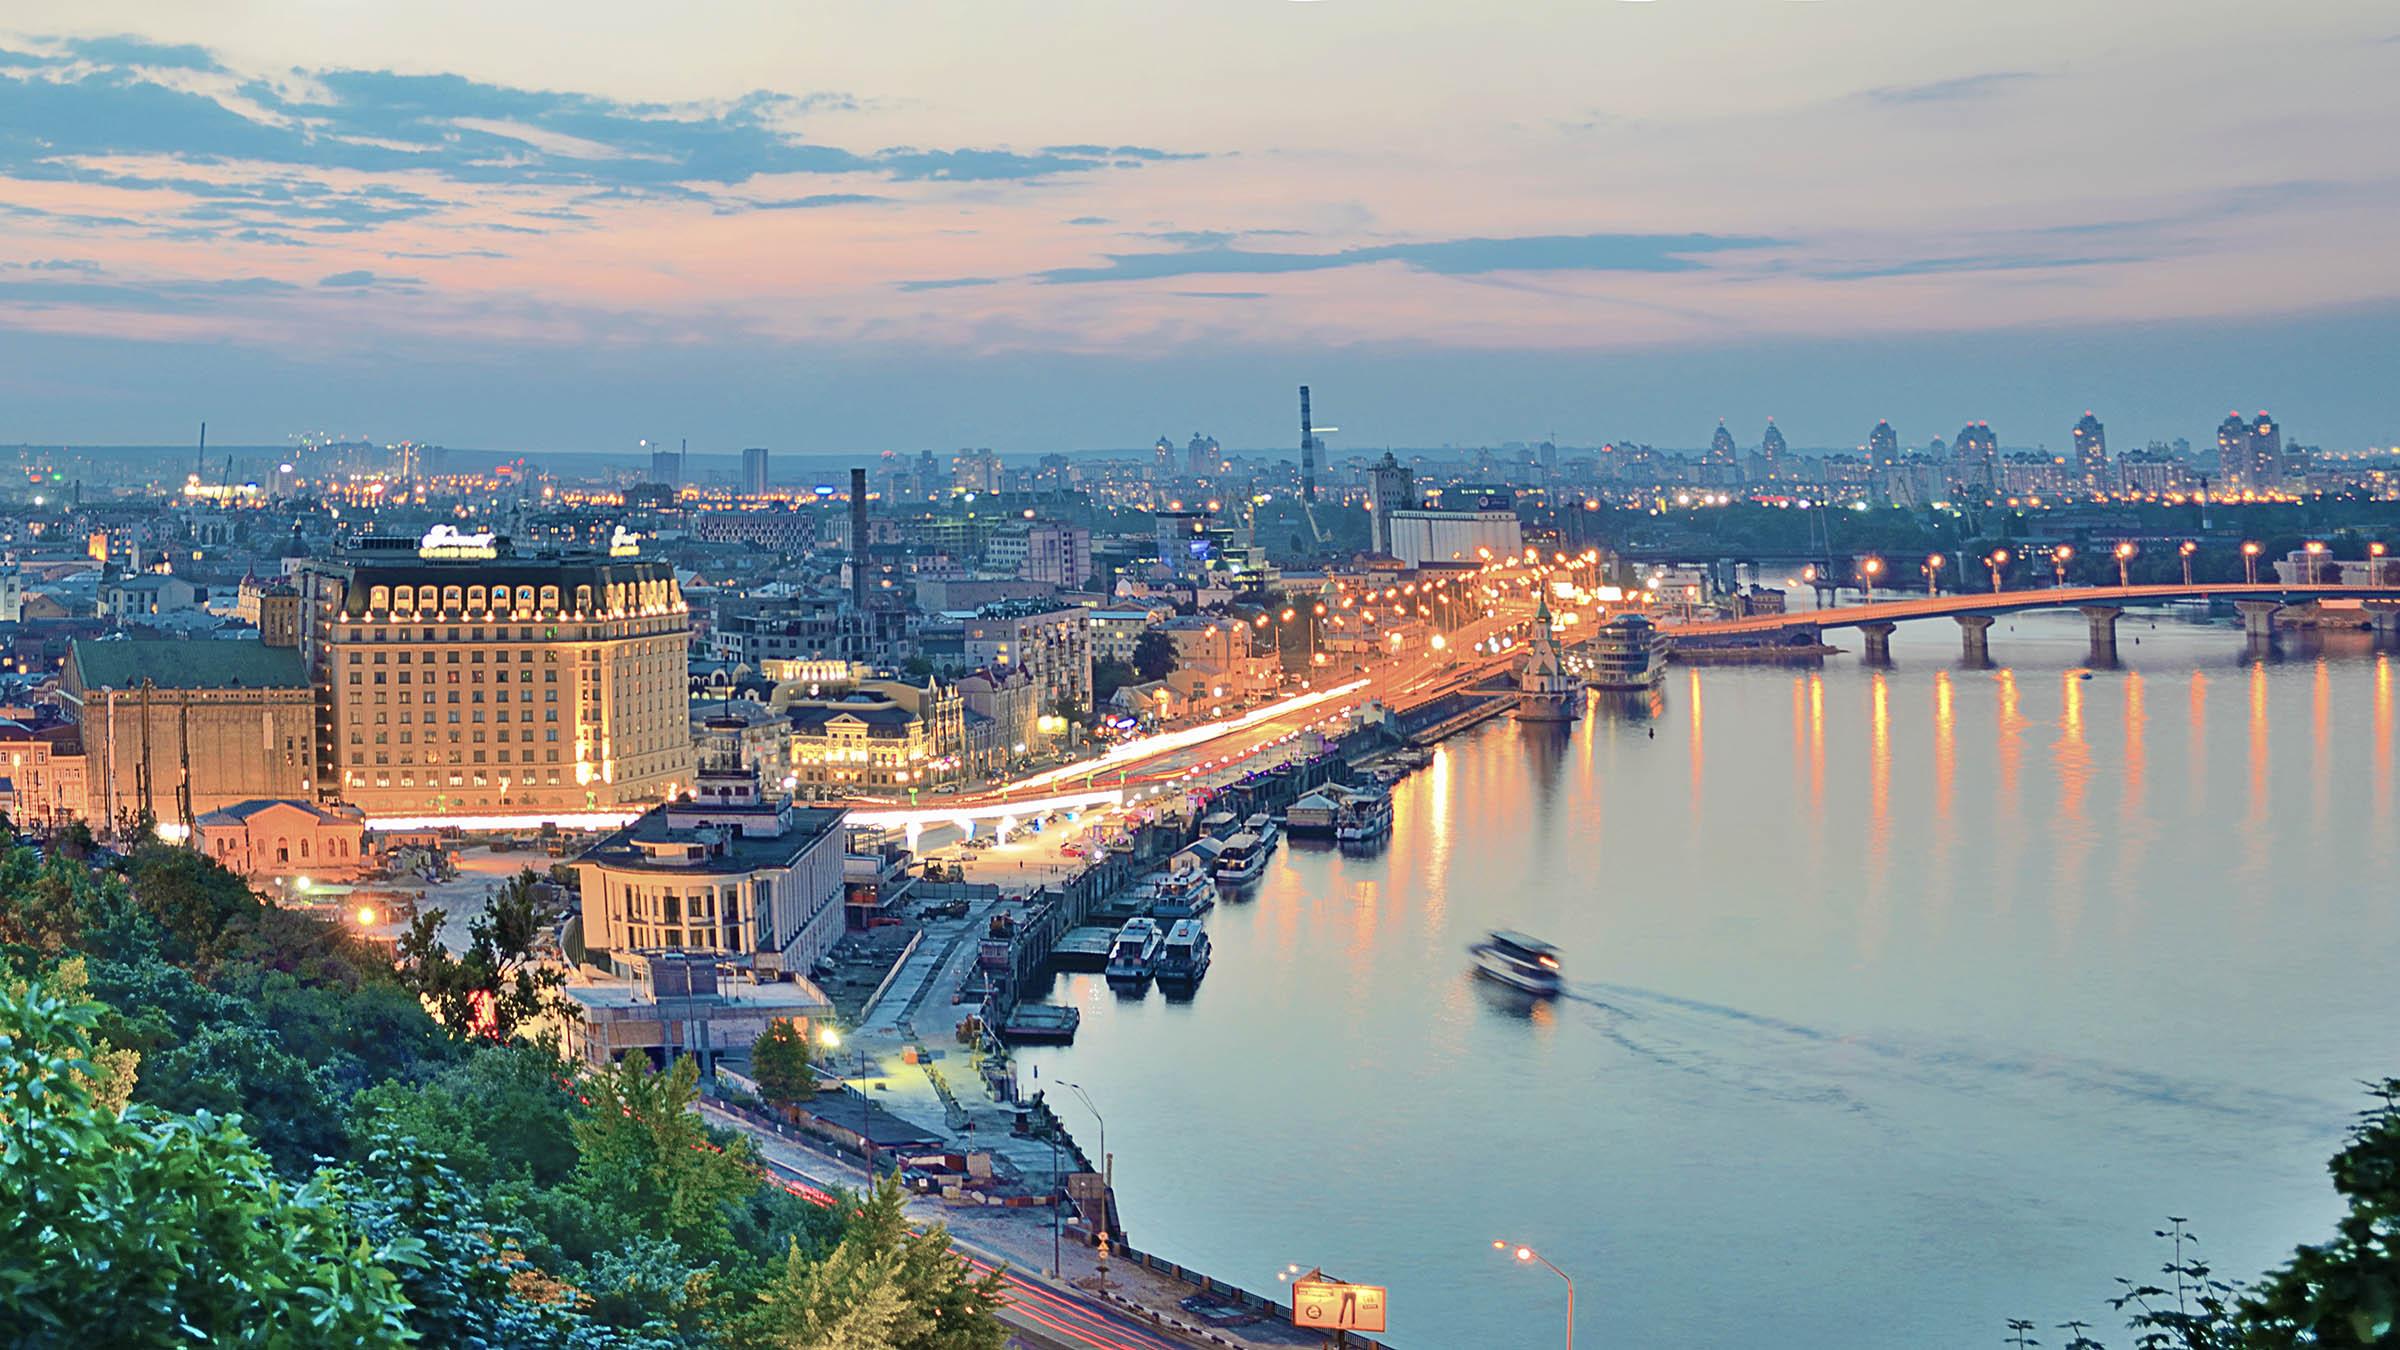 Vuelos directos a kiev ucrania desde barcelona con vueling for Viajes baratos paris barcelona